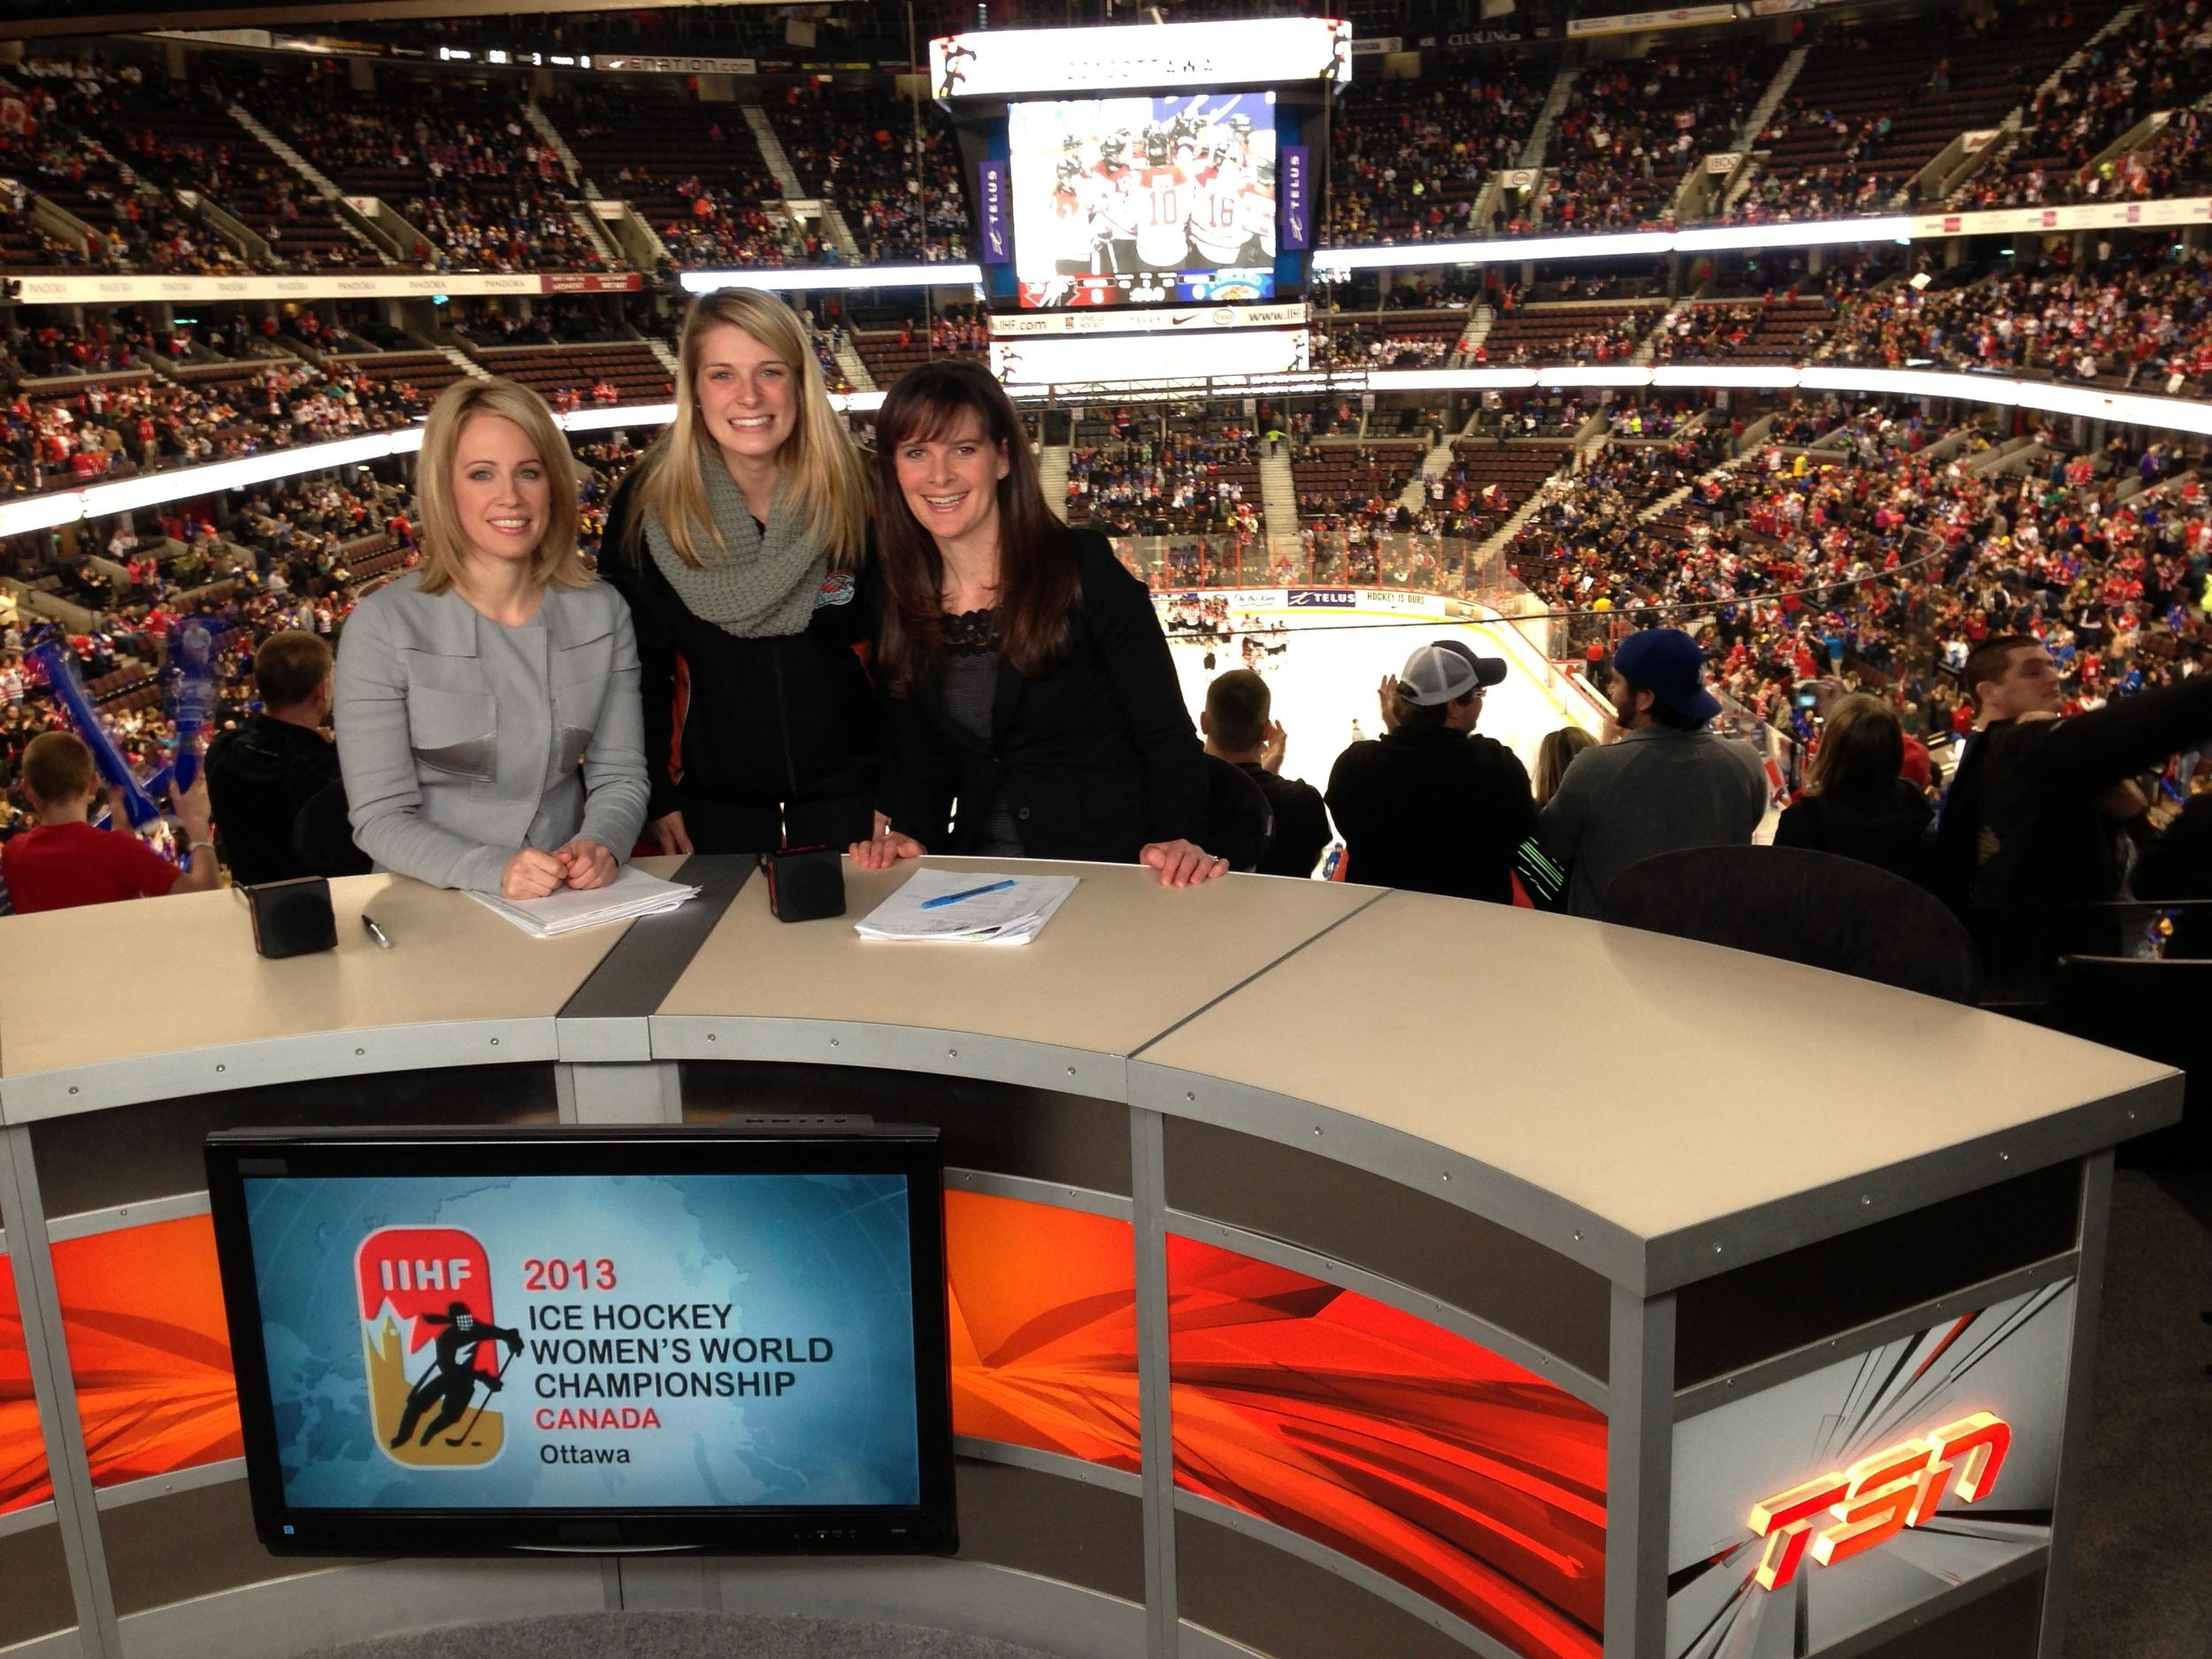 TSN - 2013 IIHF Women's World Hockey Championship from Ottawa